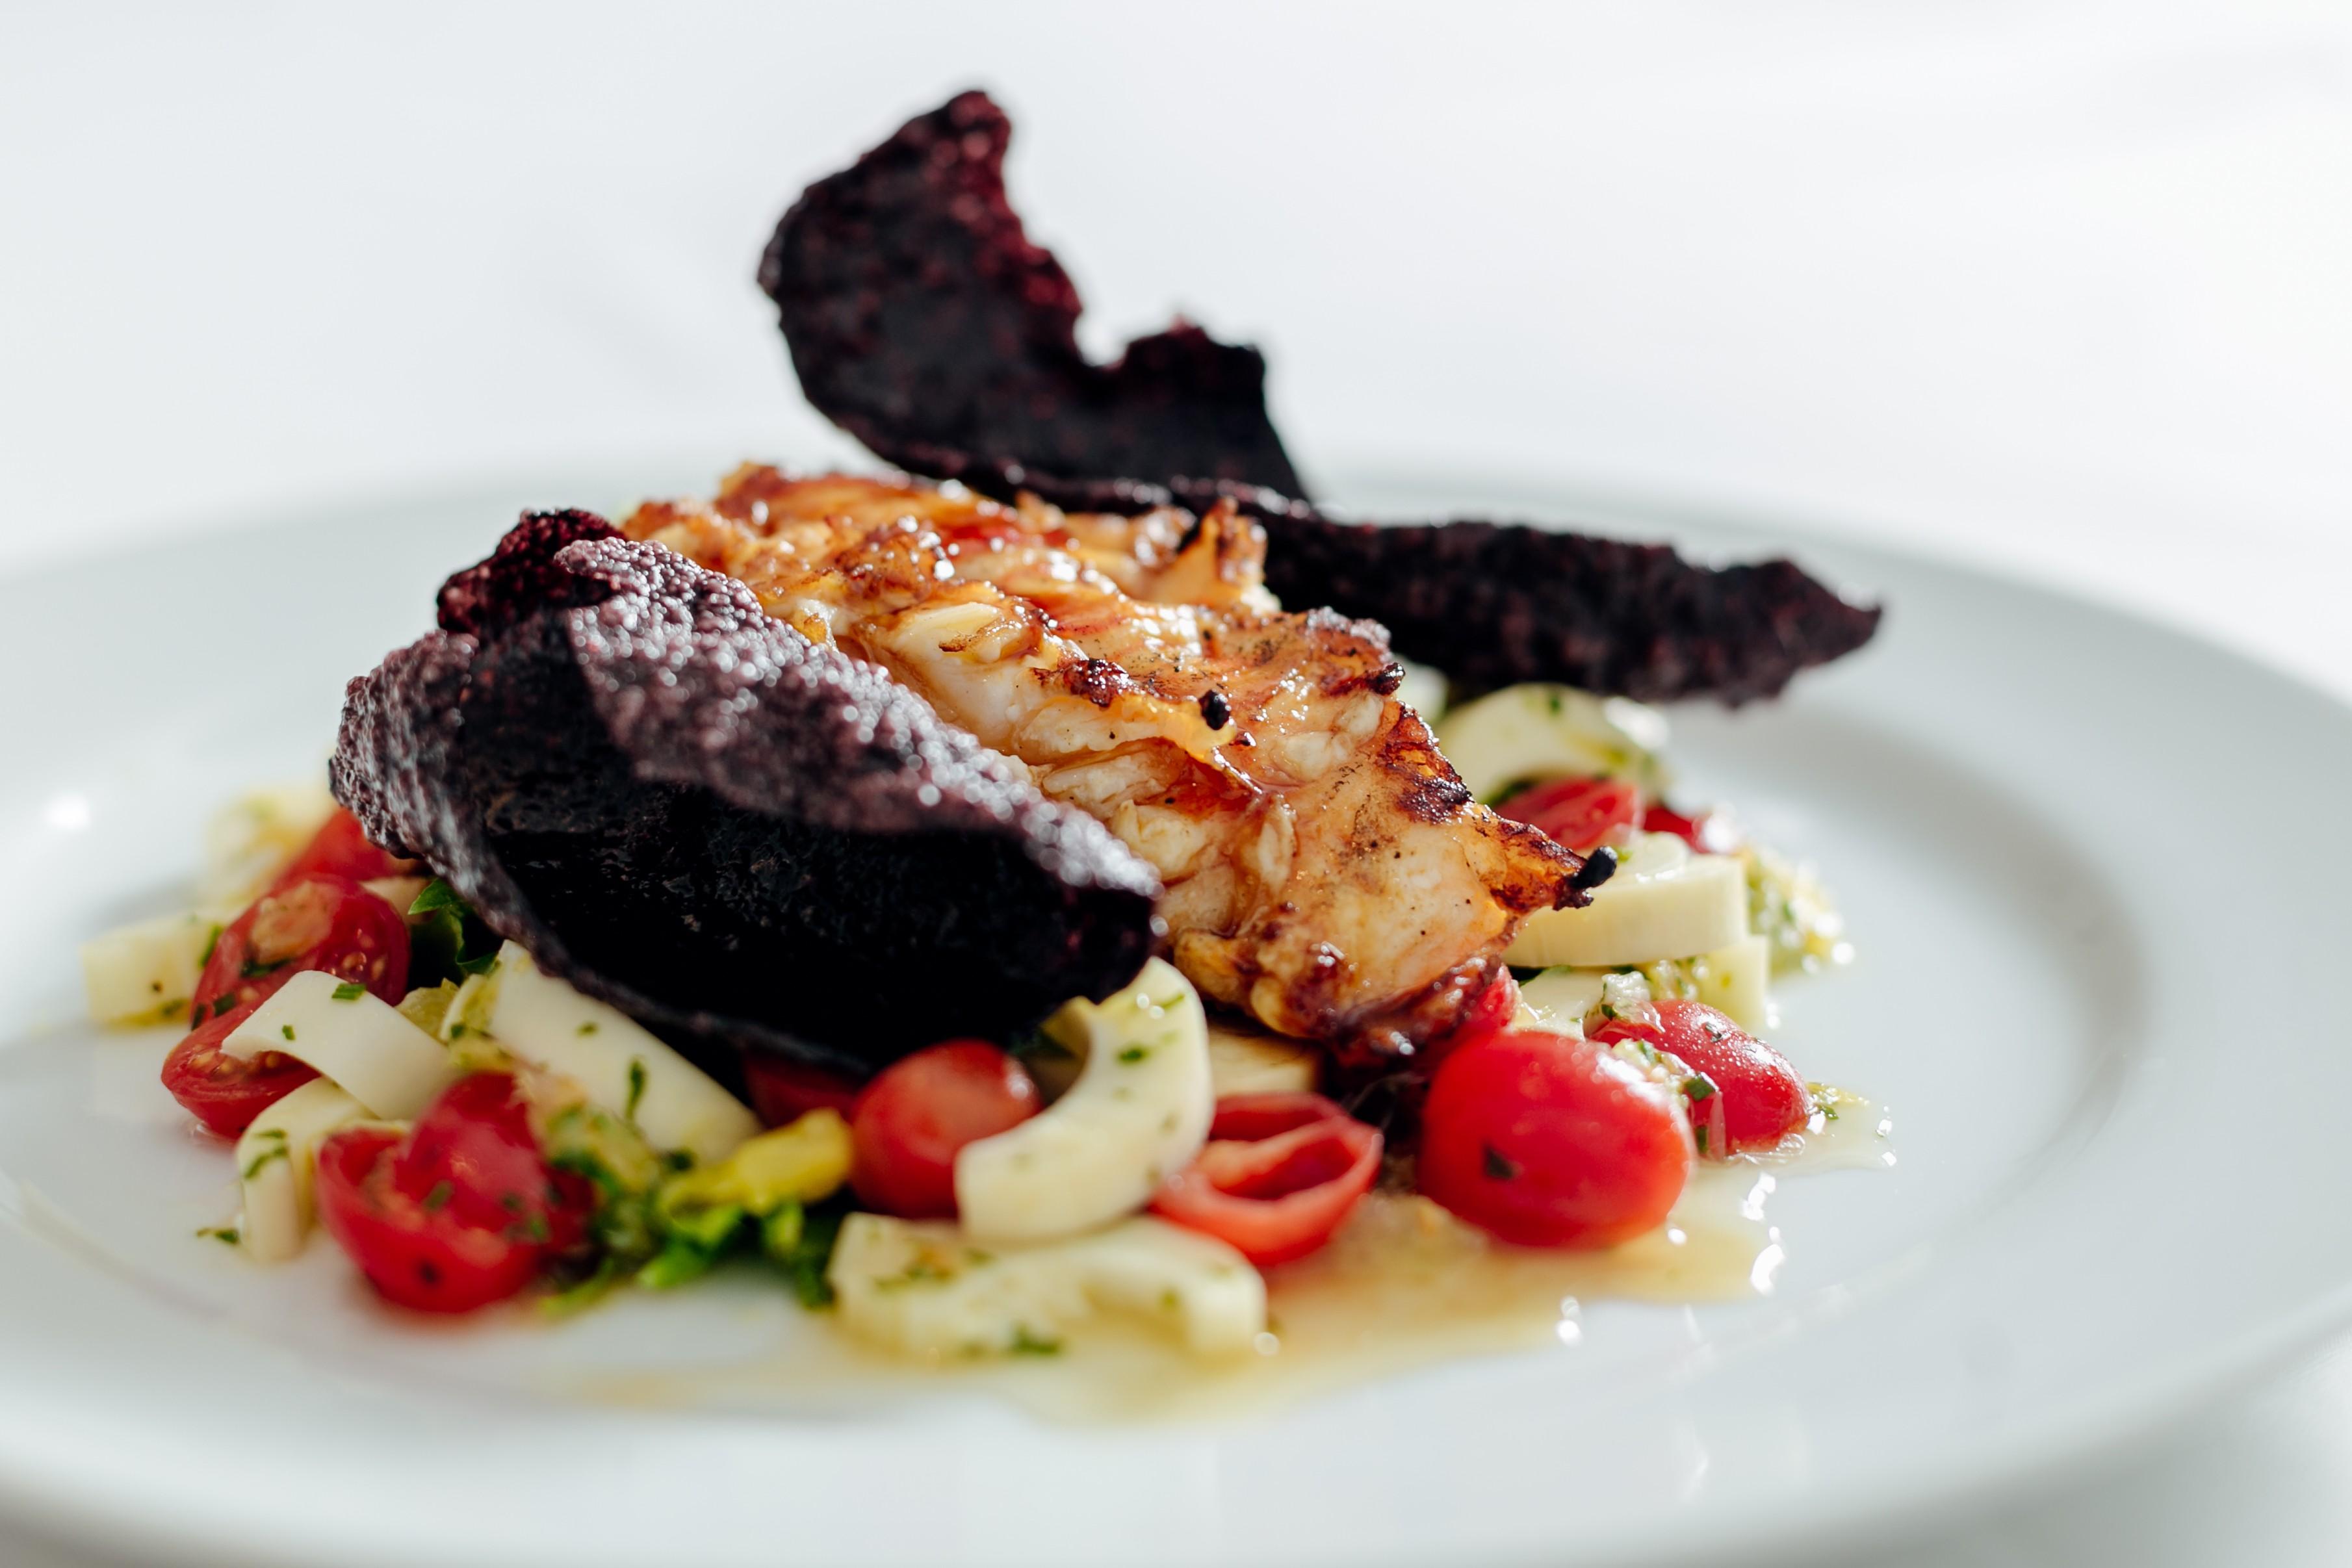 O novo menu do Bagatelle Rio: aprenda a receita da  Salade de Cigale de Mer  (Foto: Divulgação)